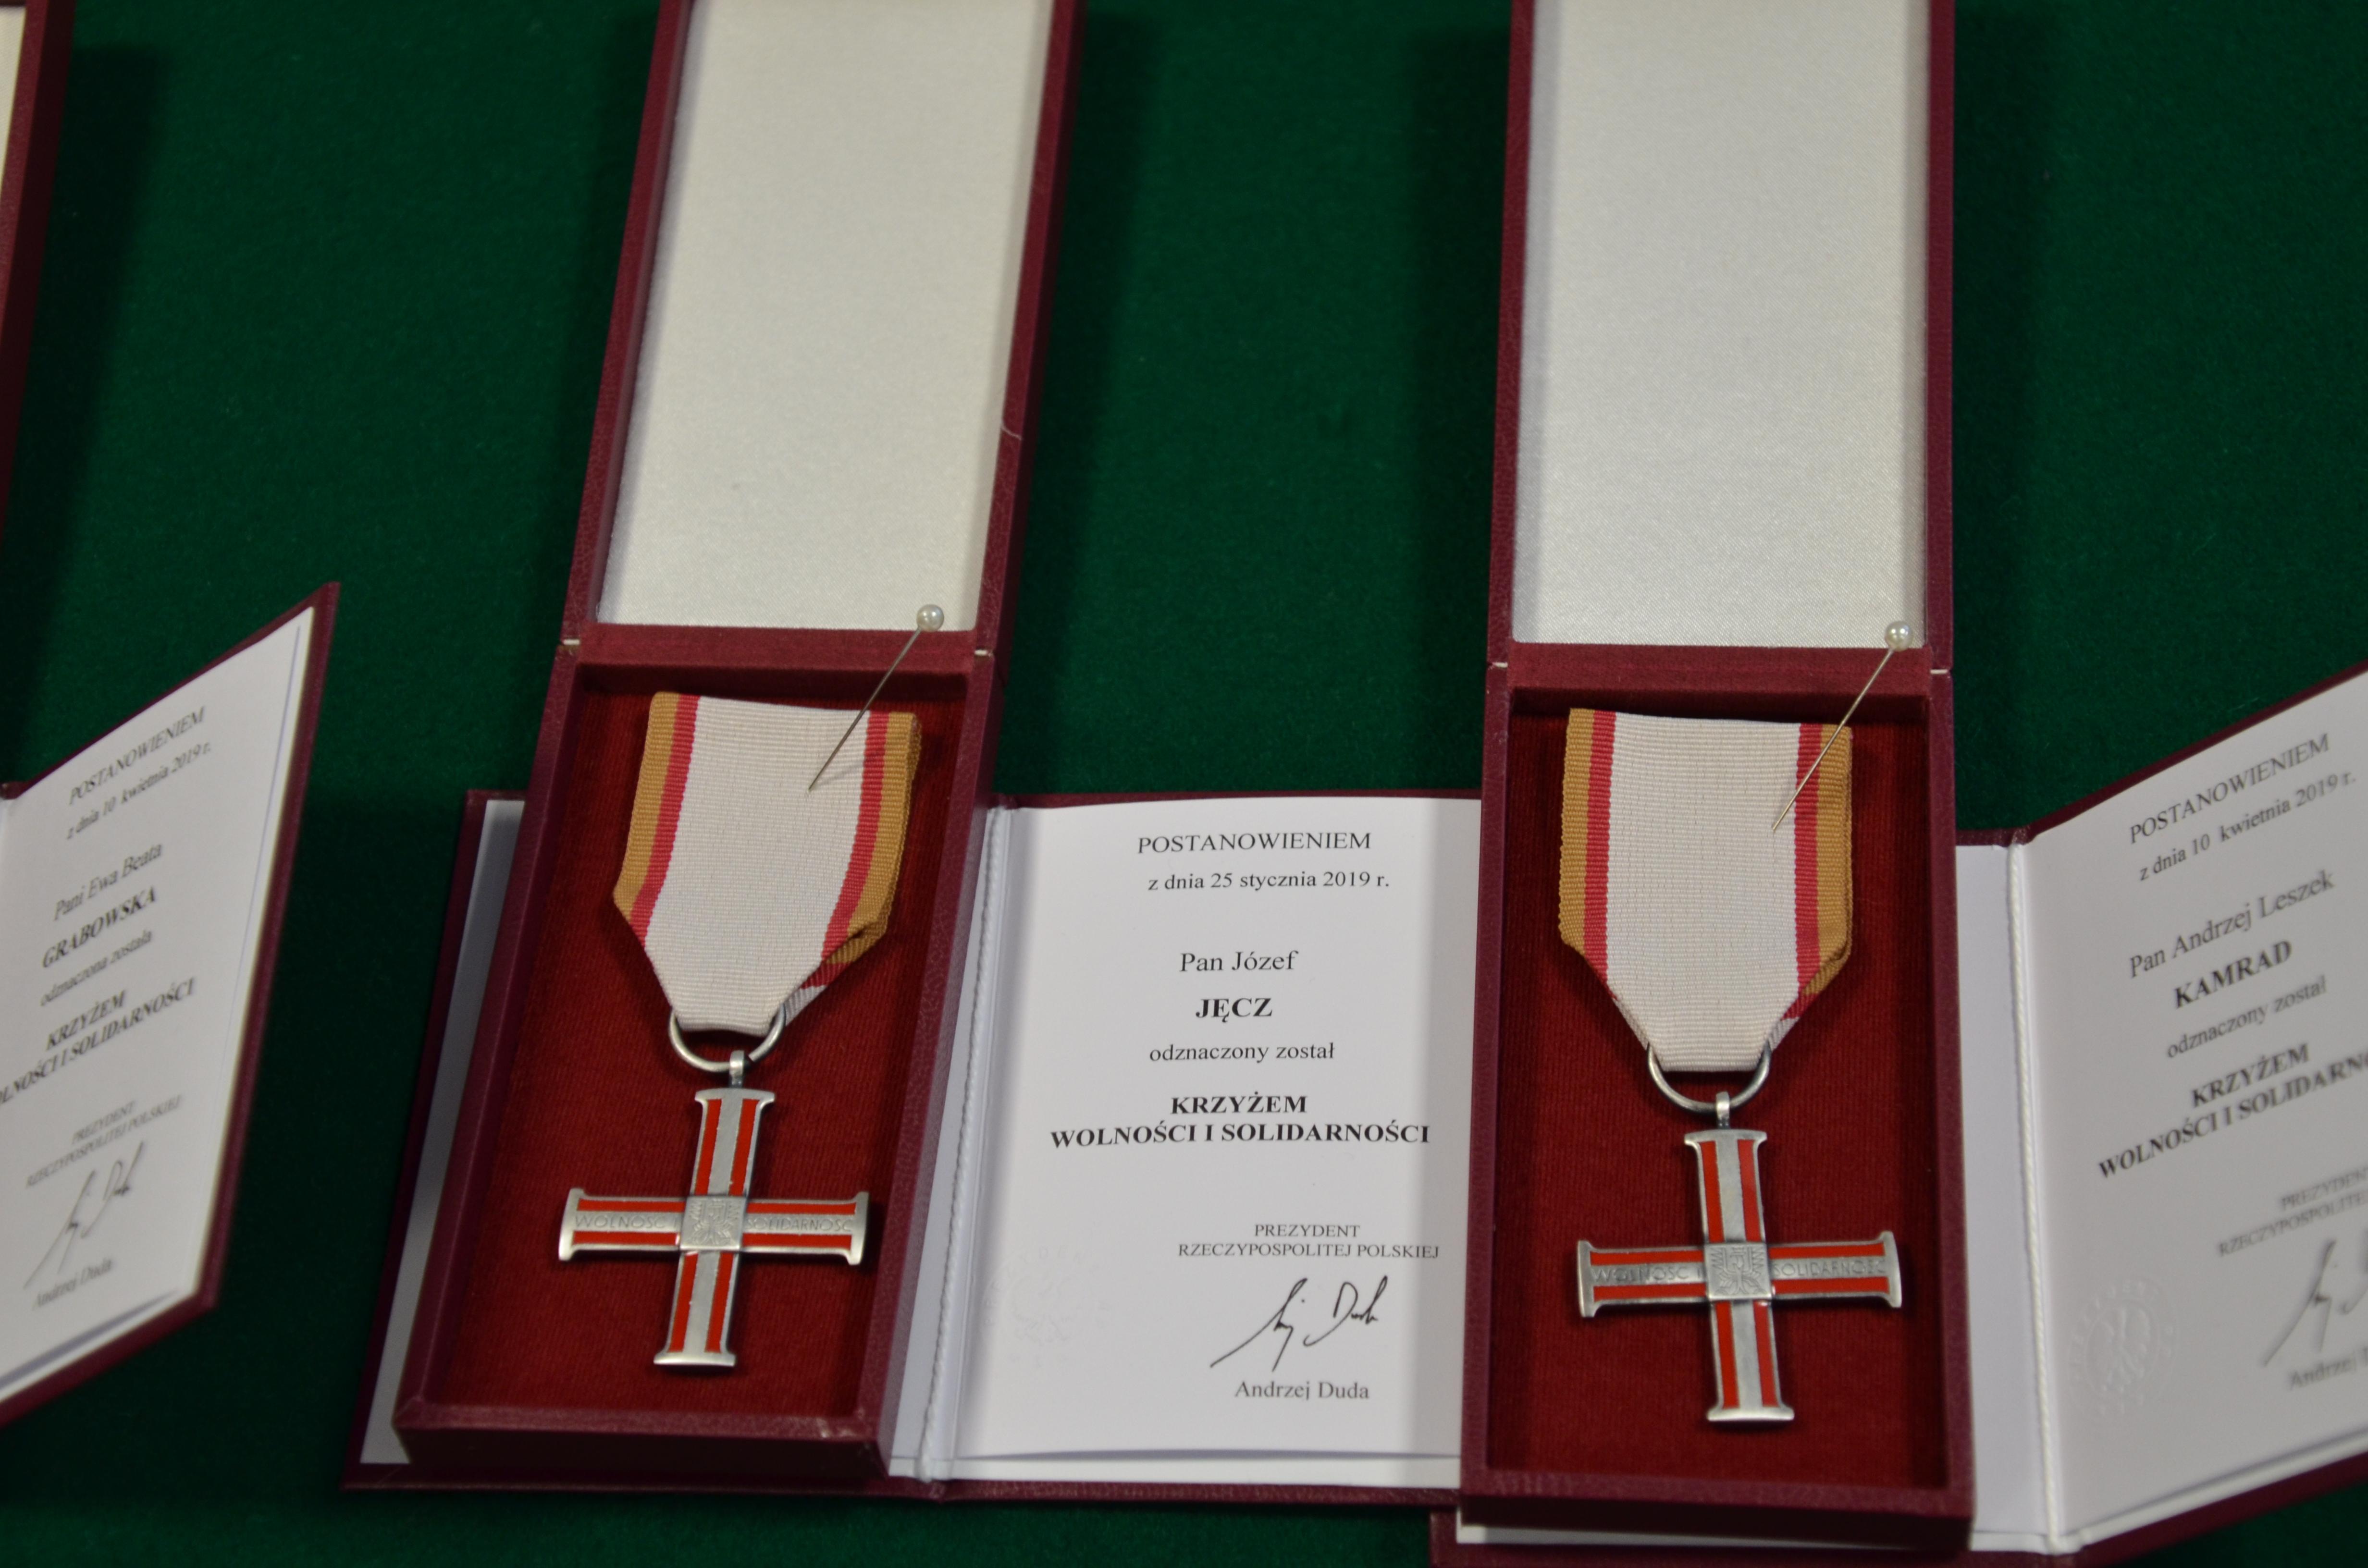 Krzyż Wolności i Solidarności dla członka zarządu LGR Obra – Warta Pana Józefa Jęcza